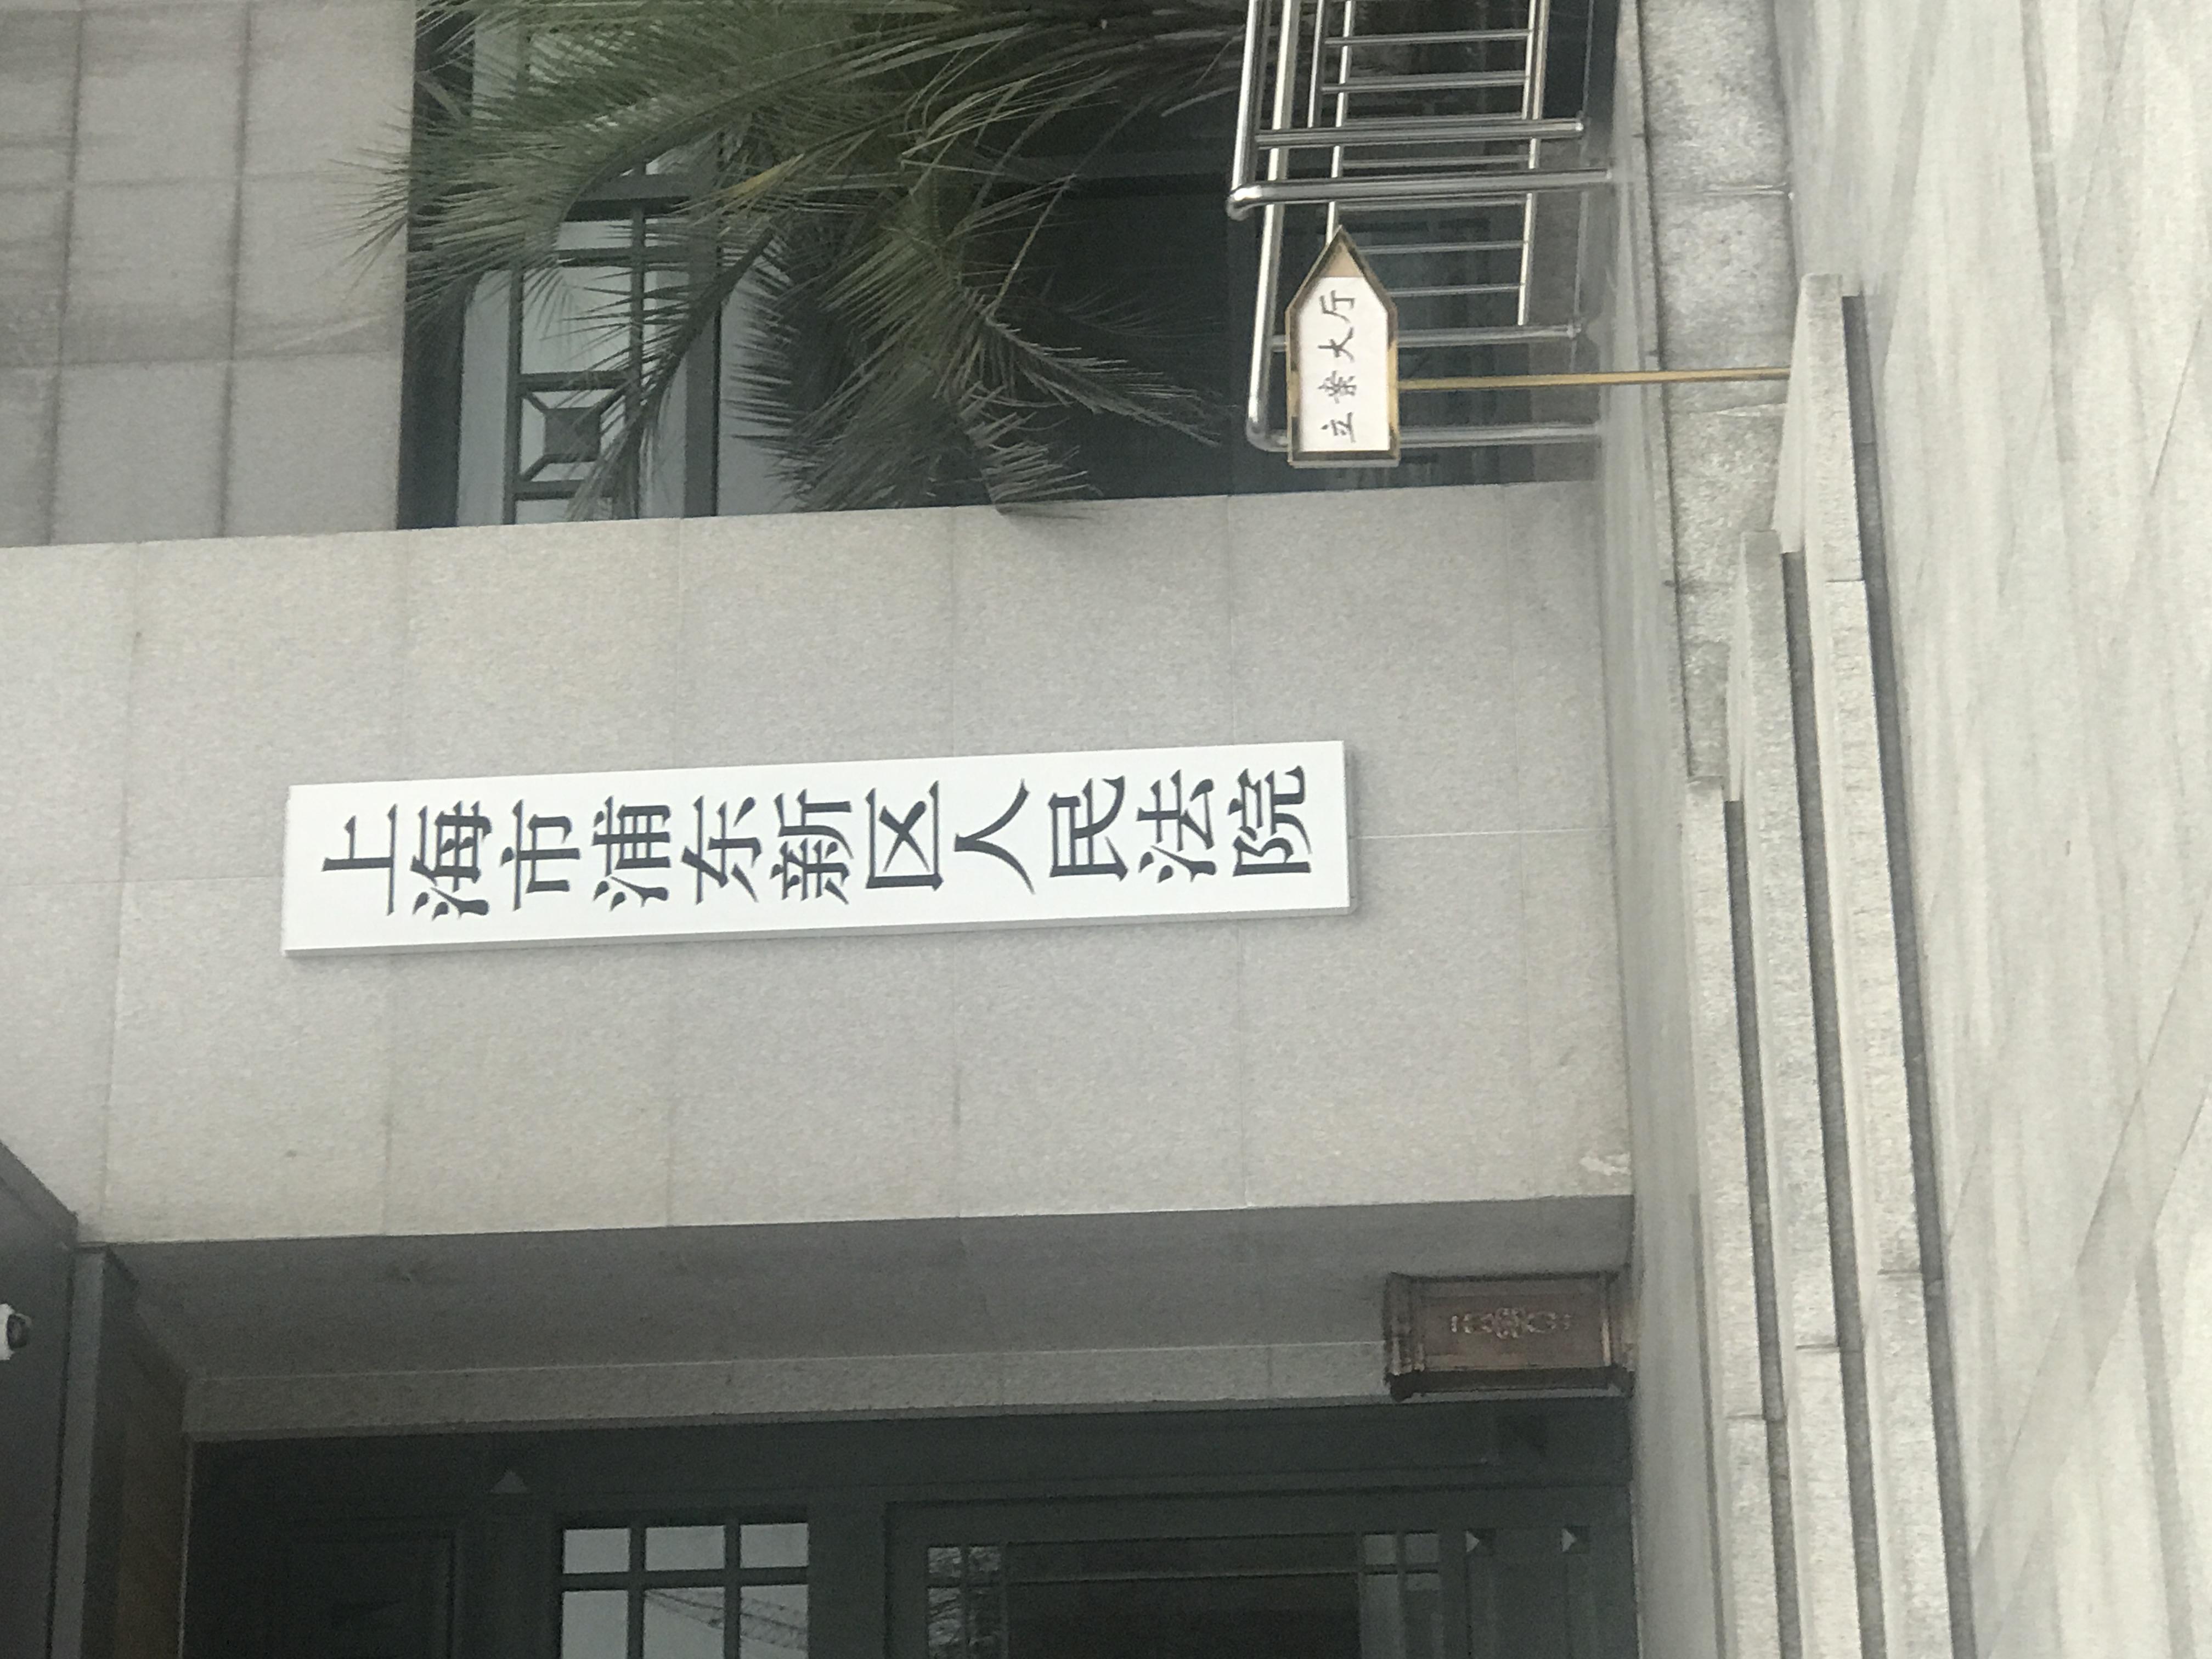 马俊哲律师出差上海进行案件的办理2